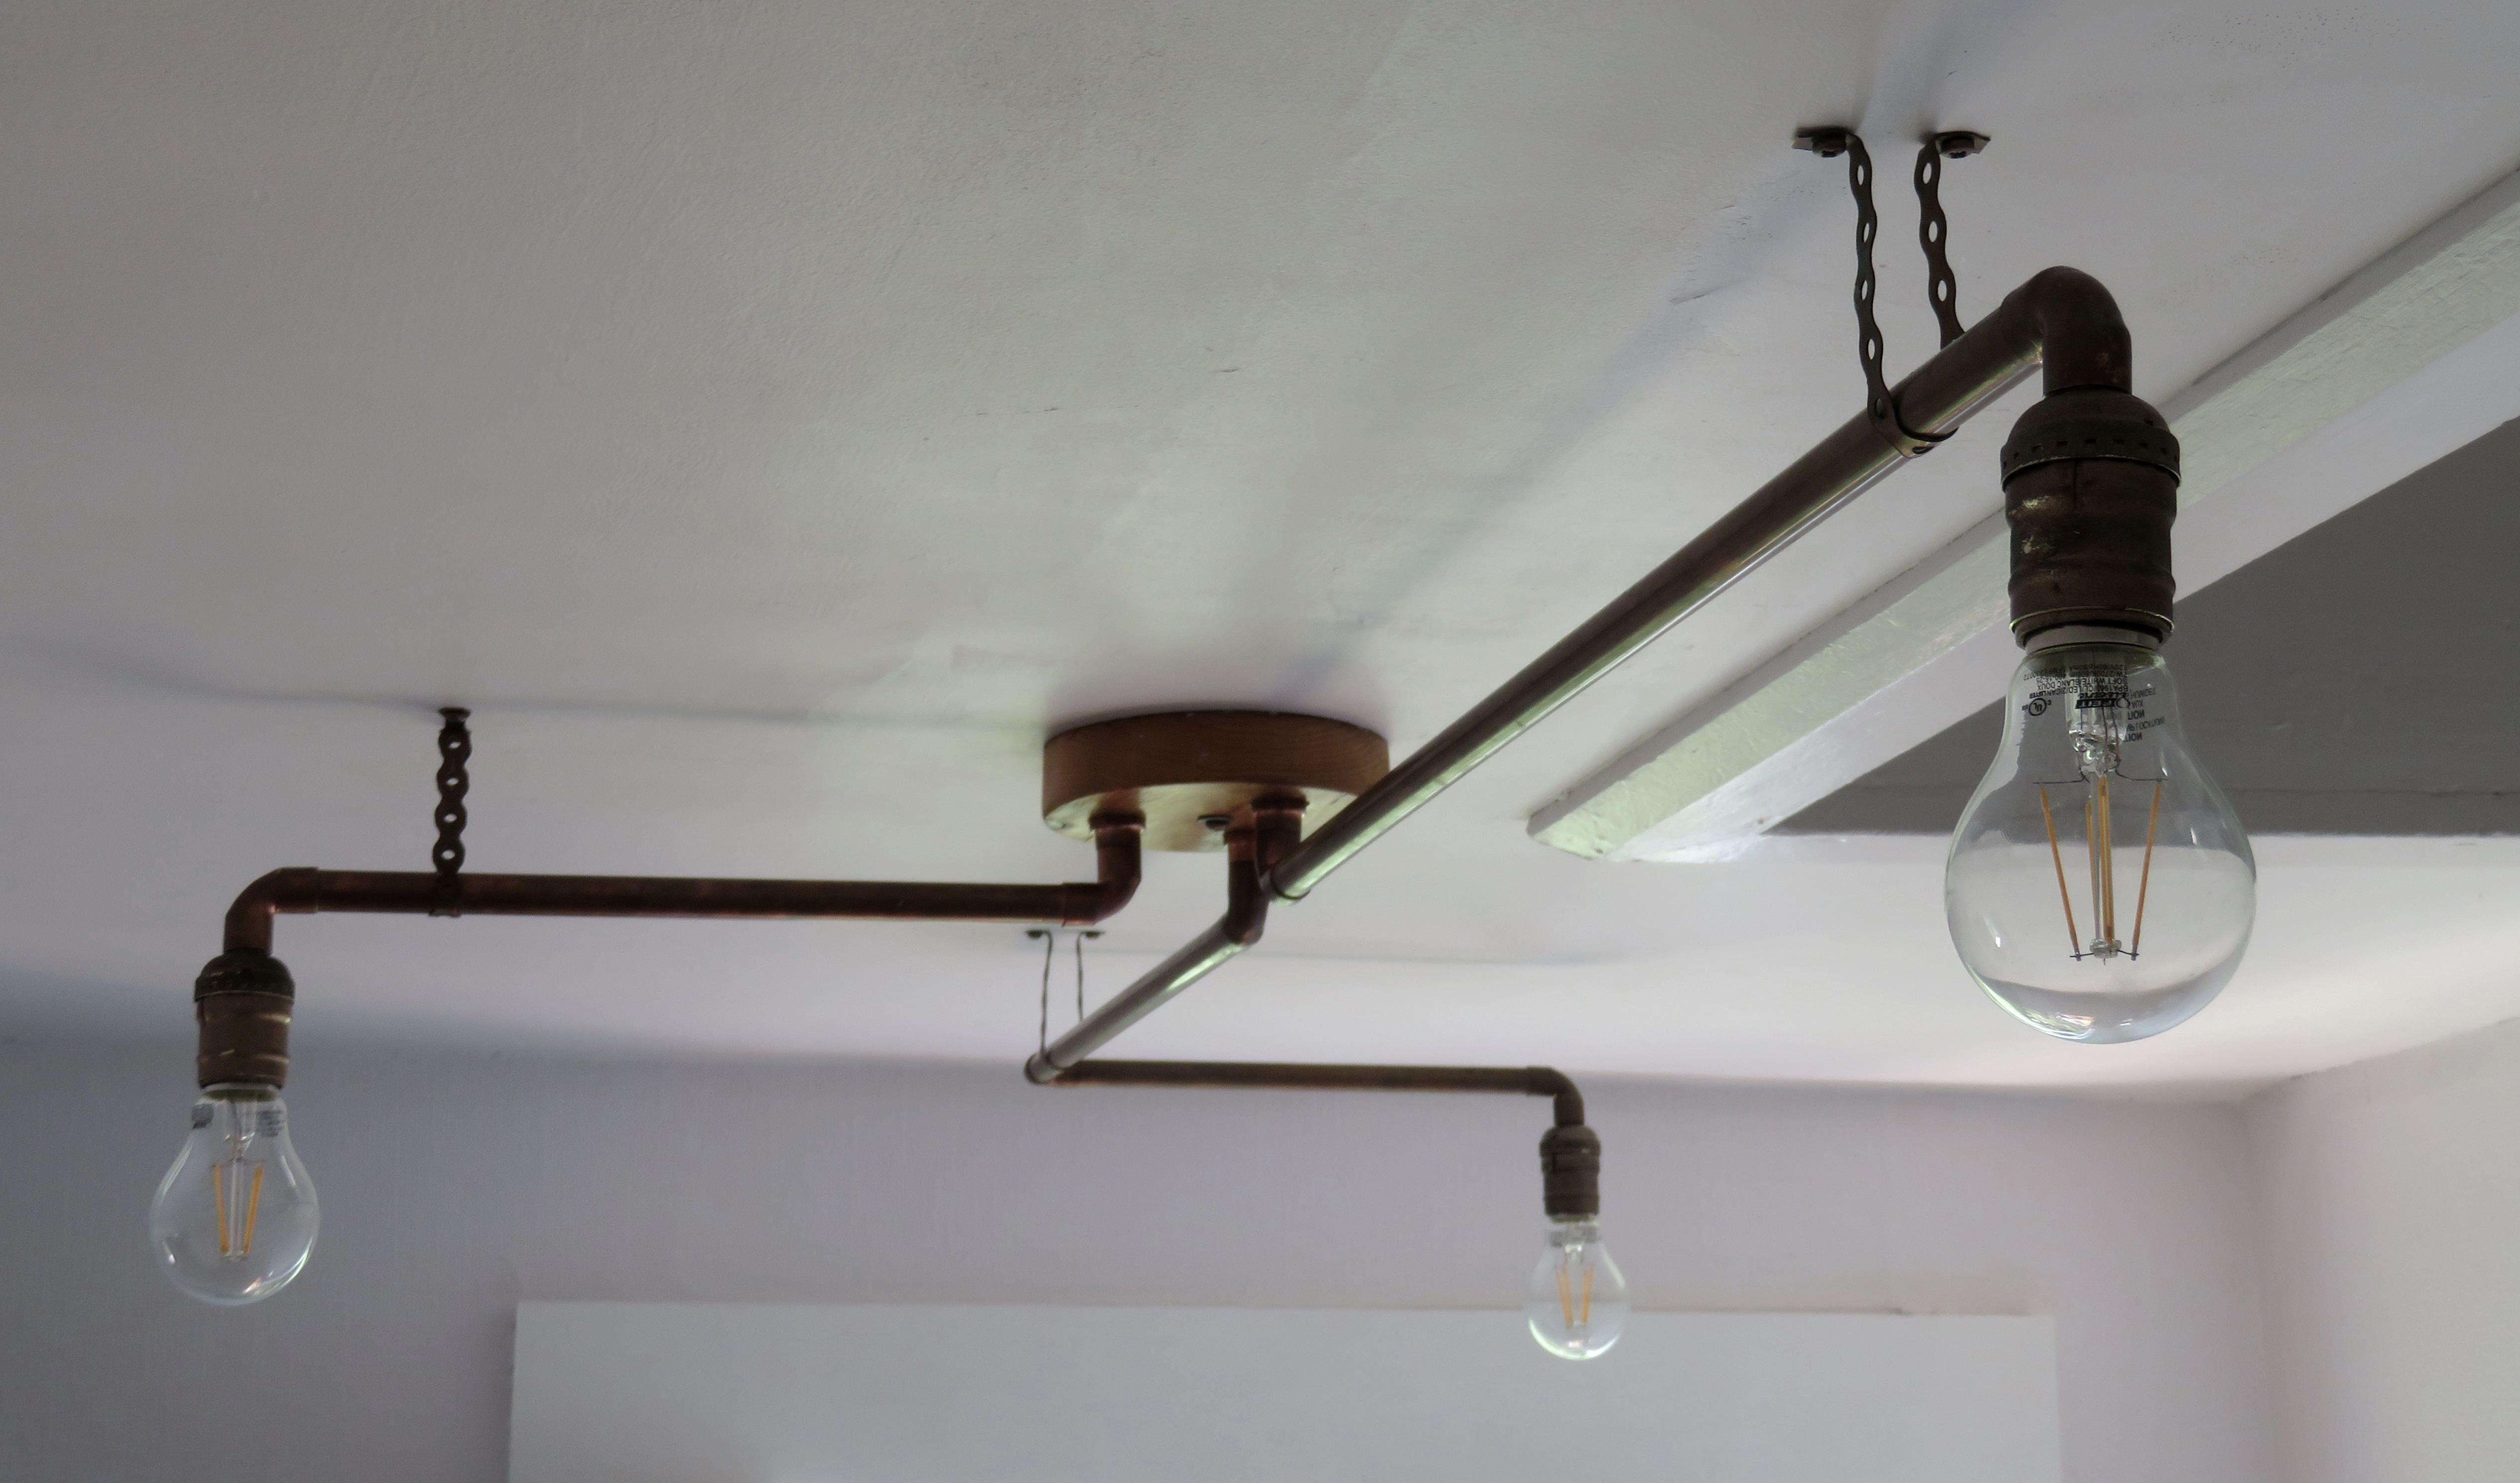 Light fixture decor ideas diy pipe light fixture diy pipe light